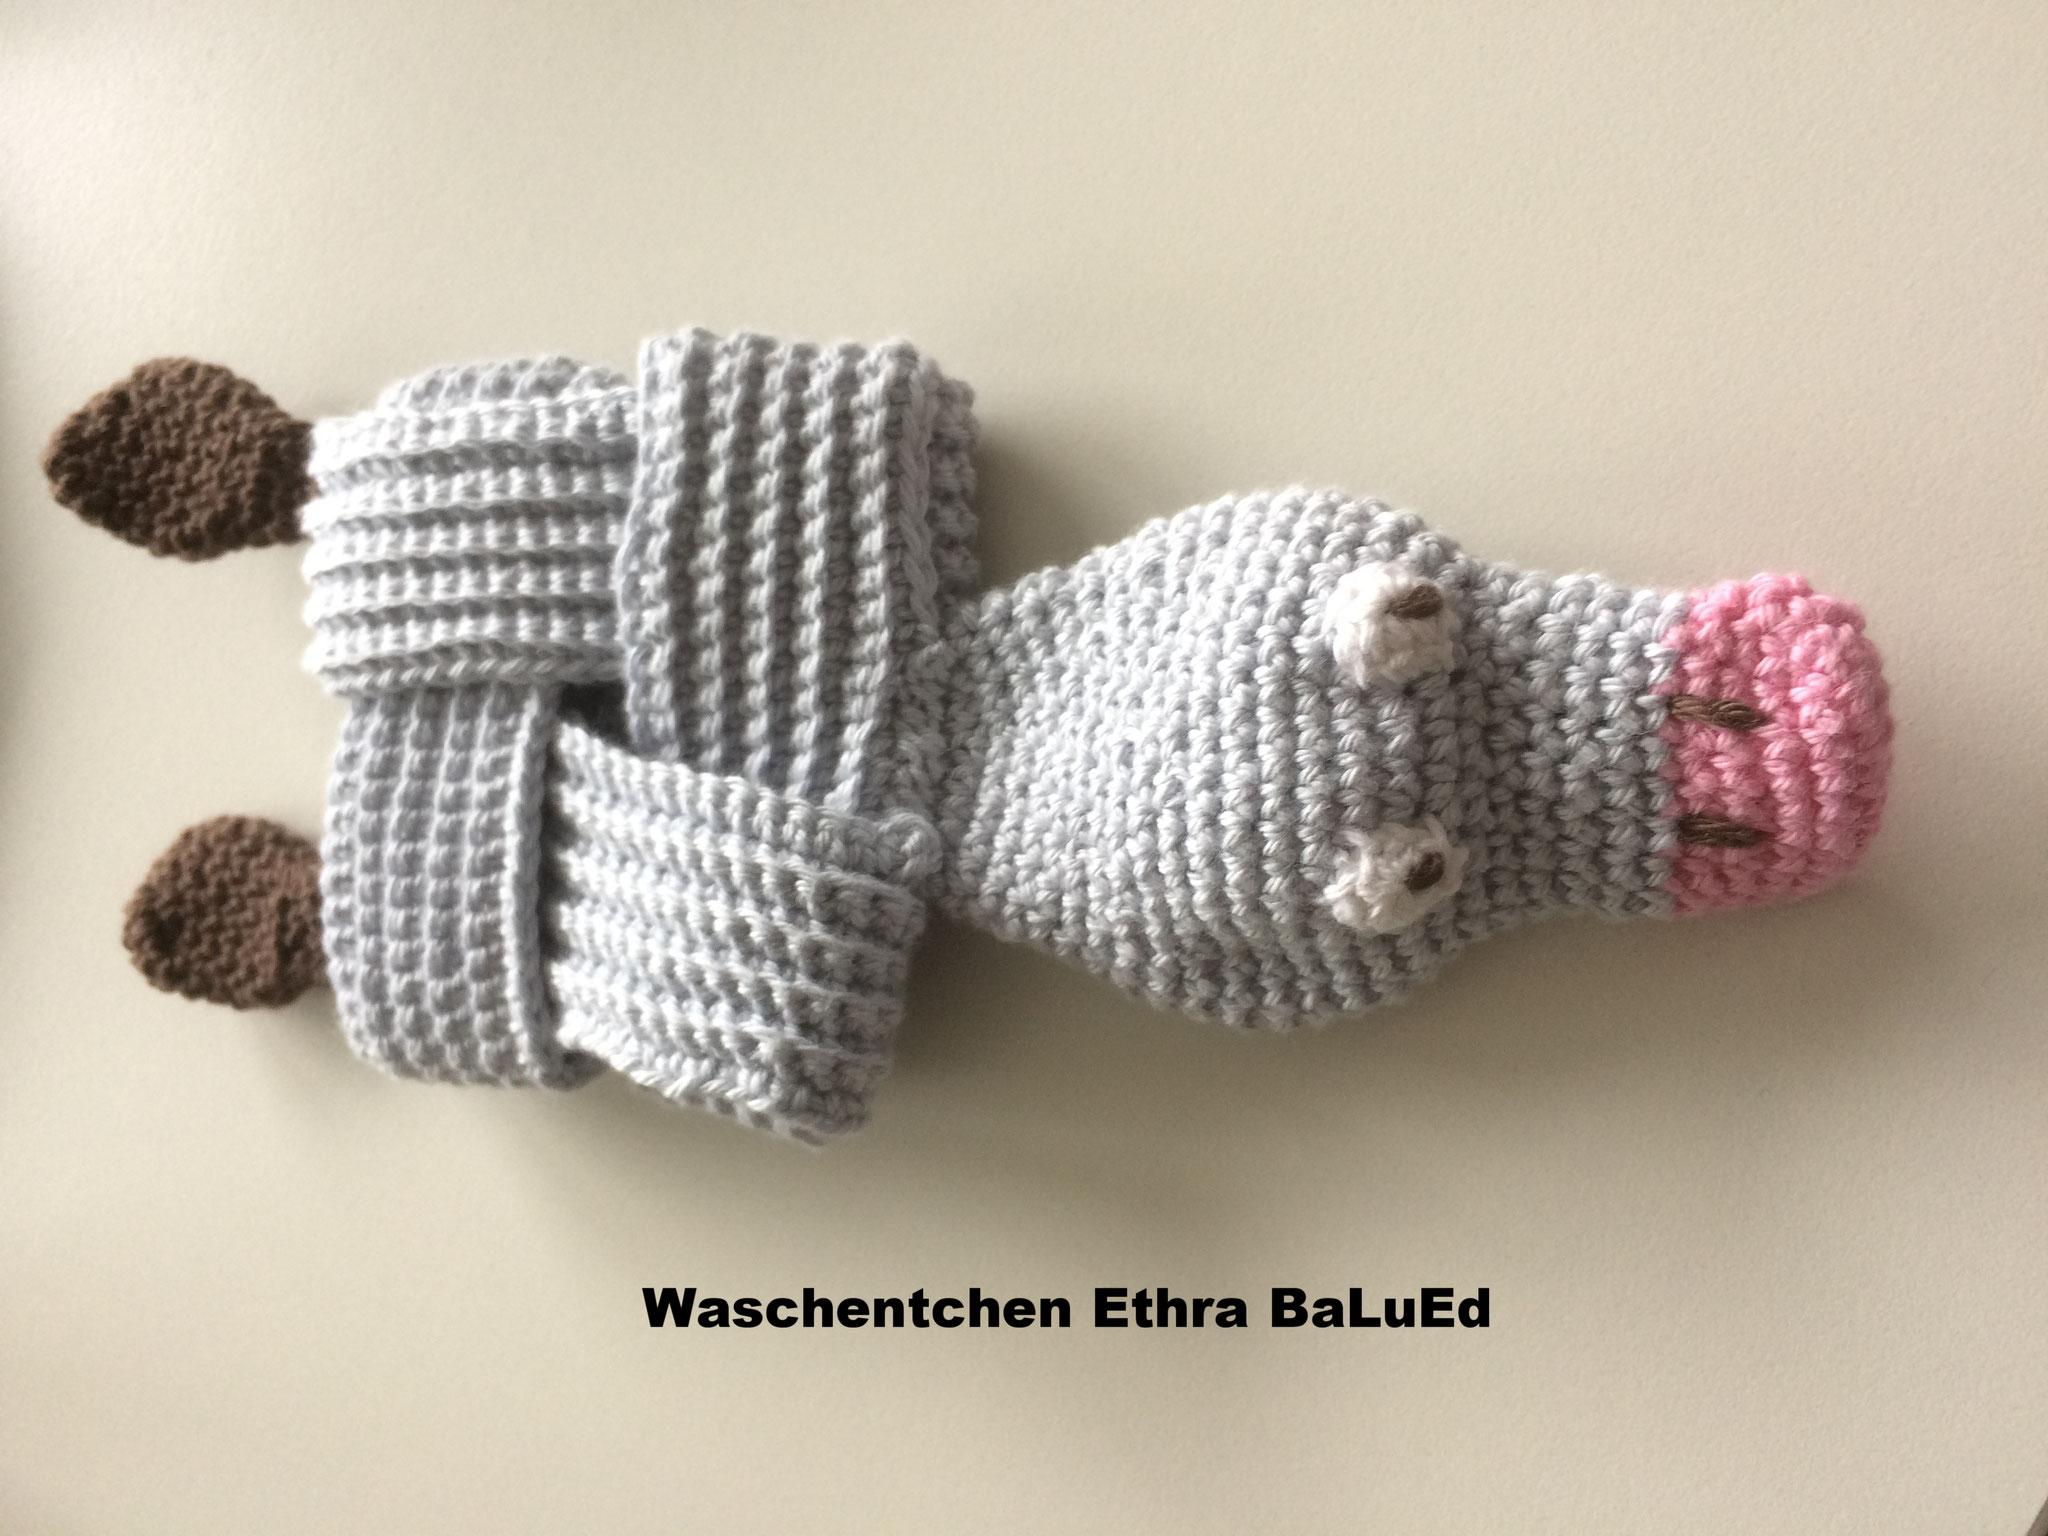 Ente: Waschentchen Ethra BaLuEd / Artikel-Nr. 3033.001